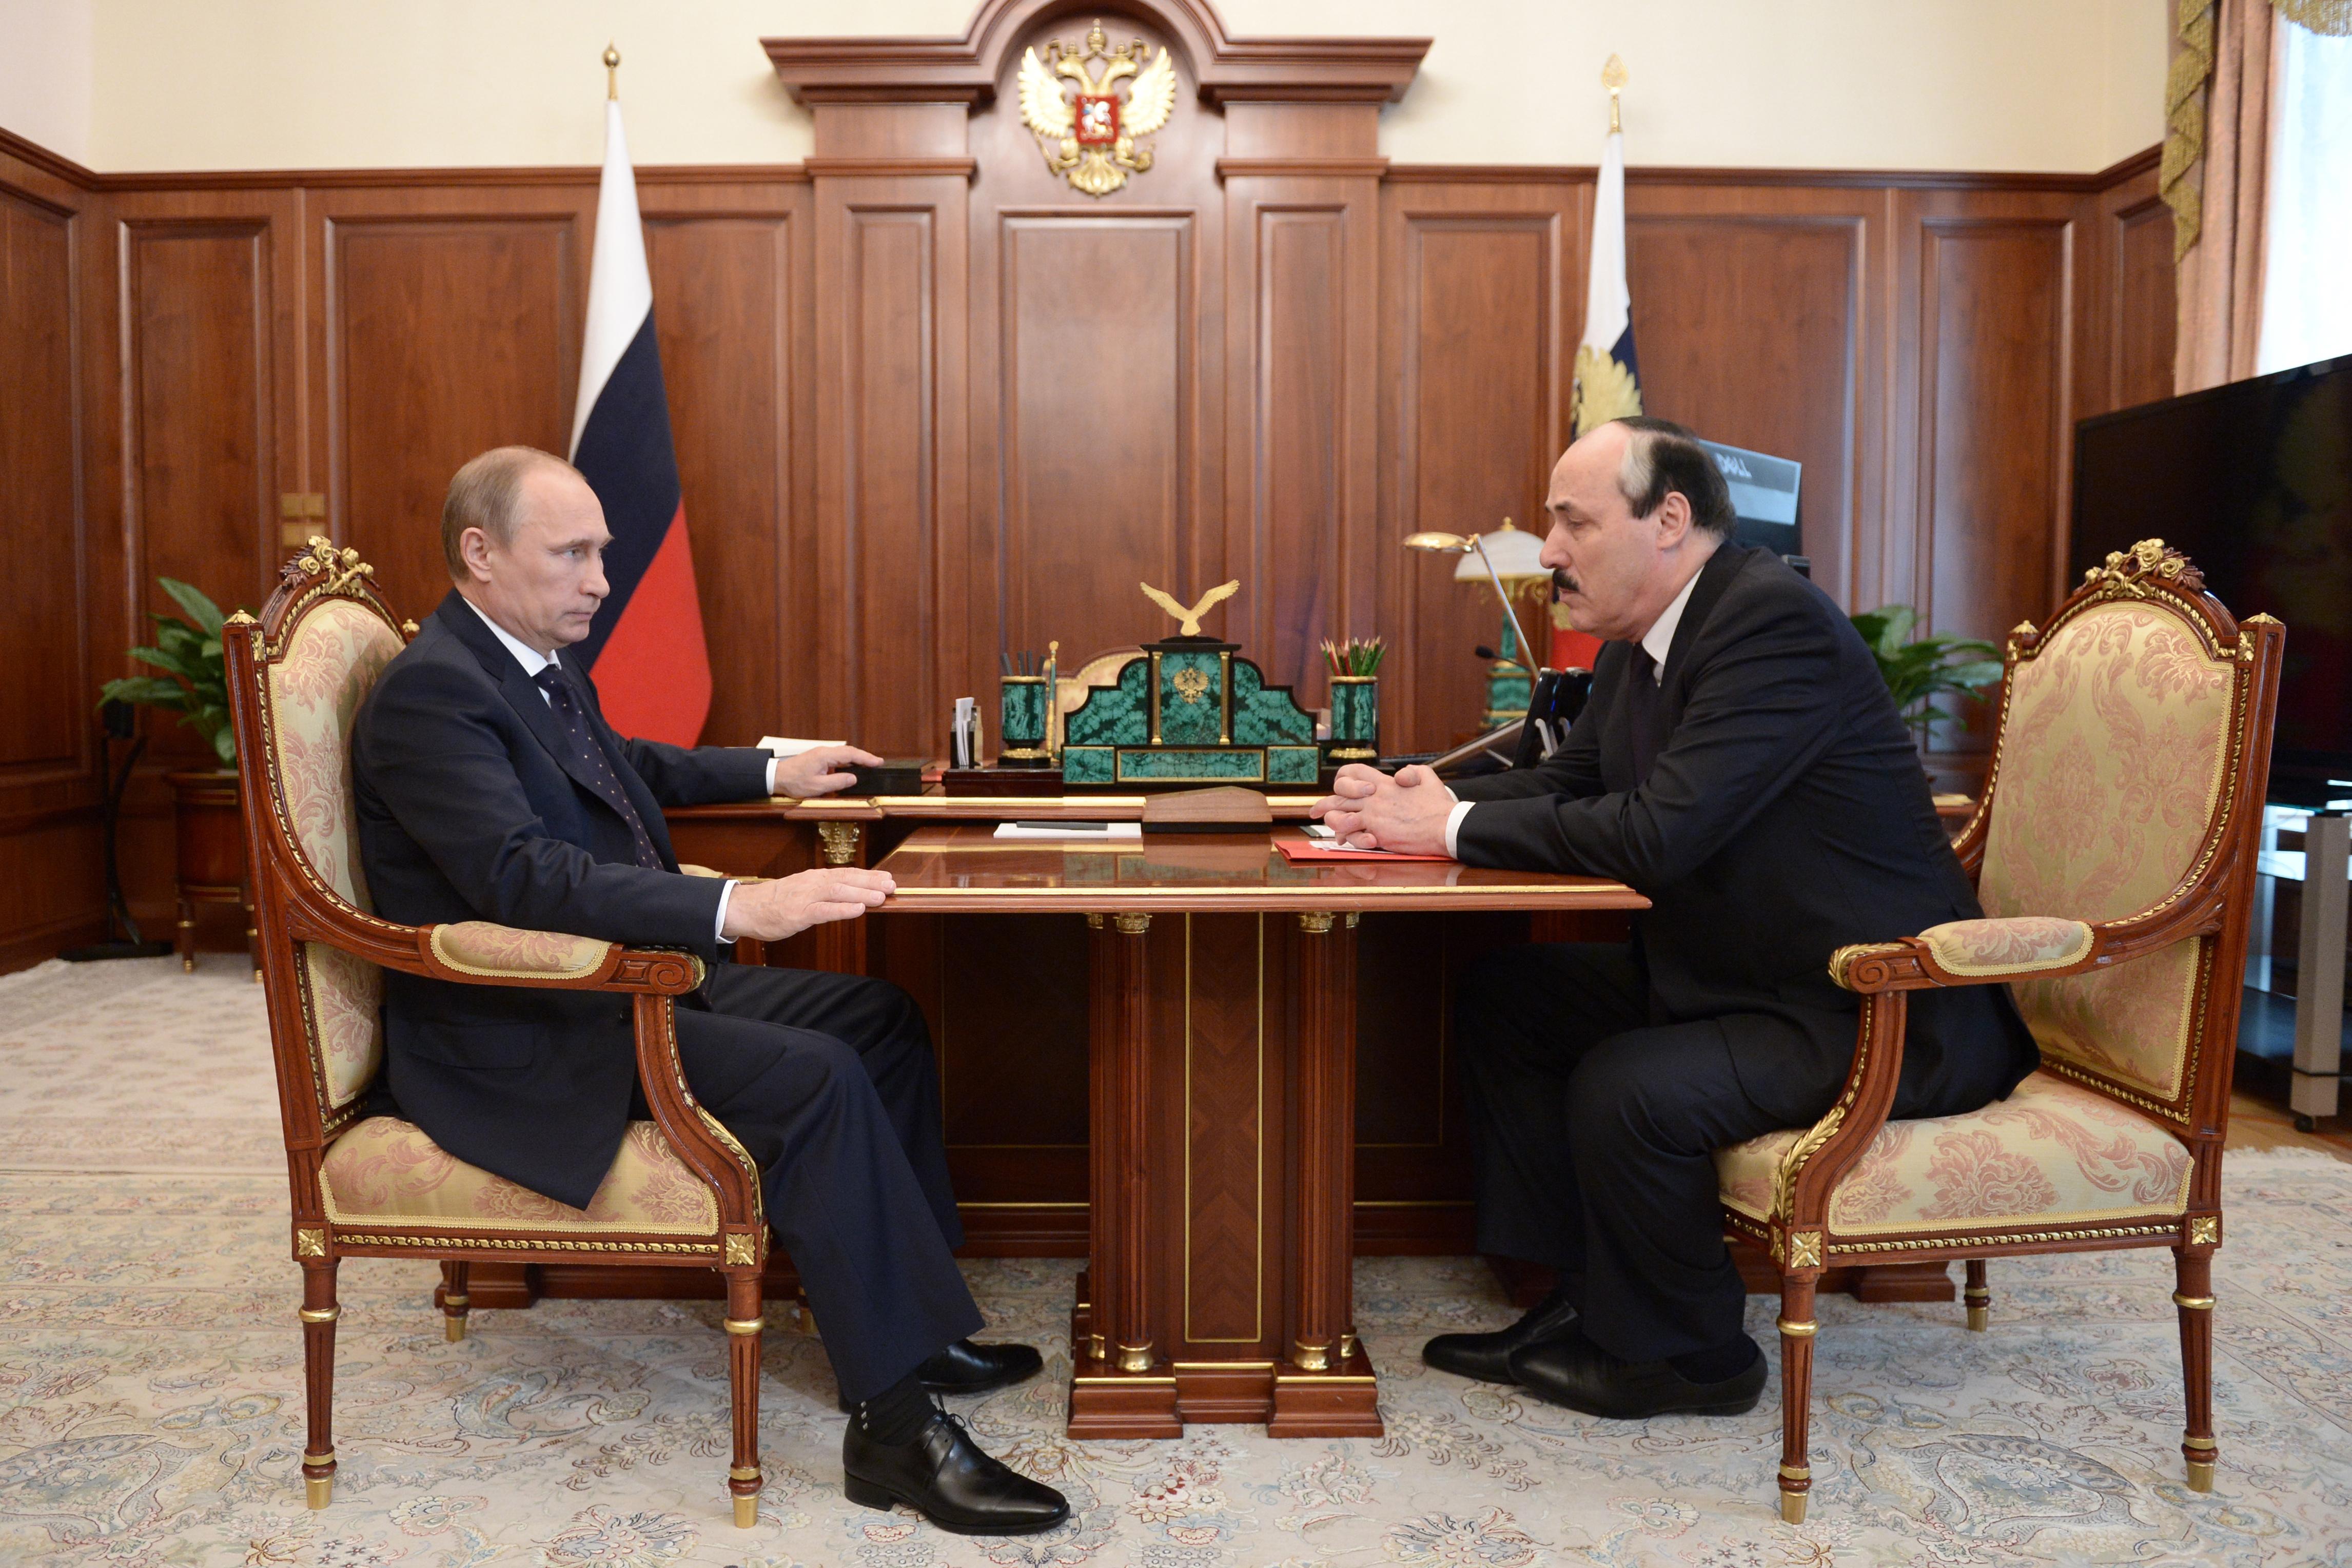 Президент России Владимир Путин встретился с главой Дагестана Рамазаном Абдулатиповым